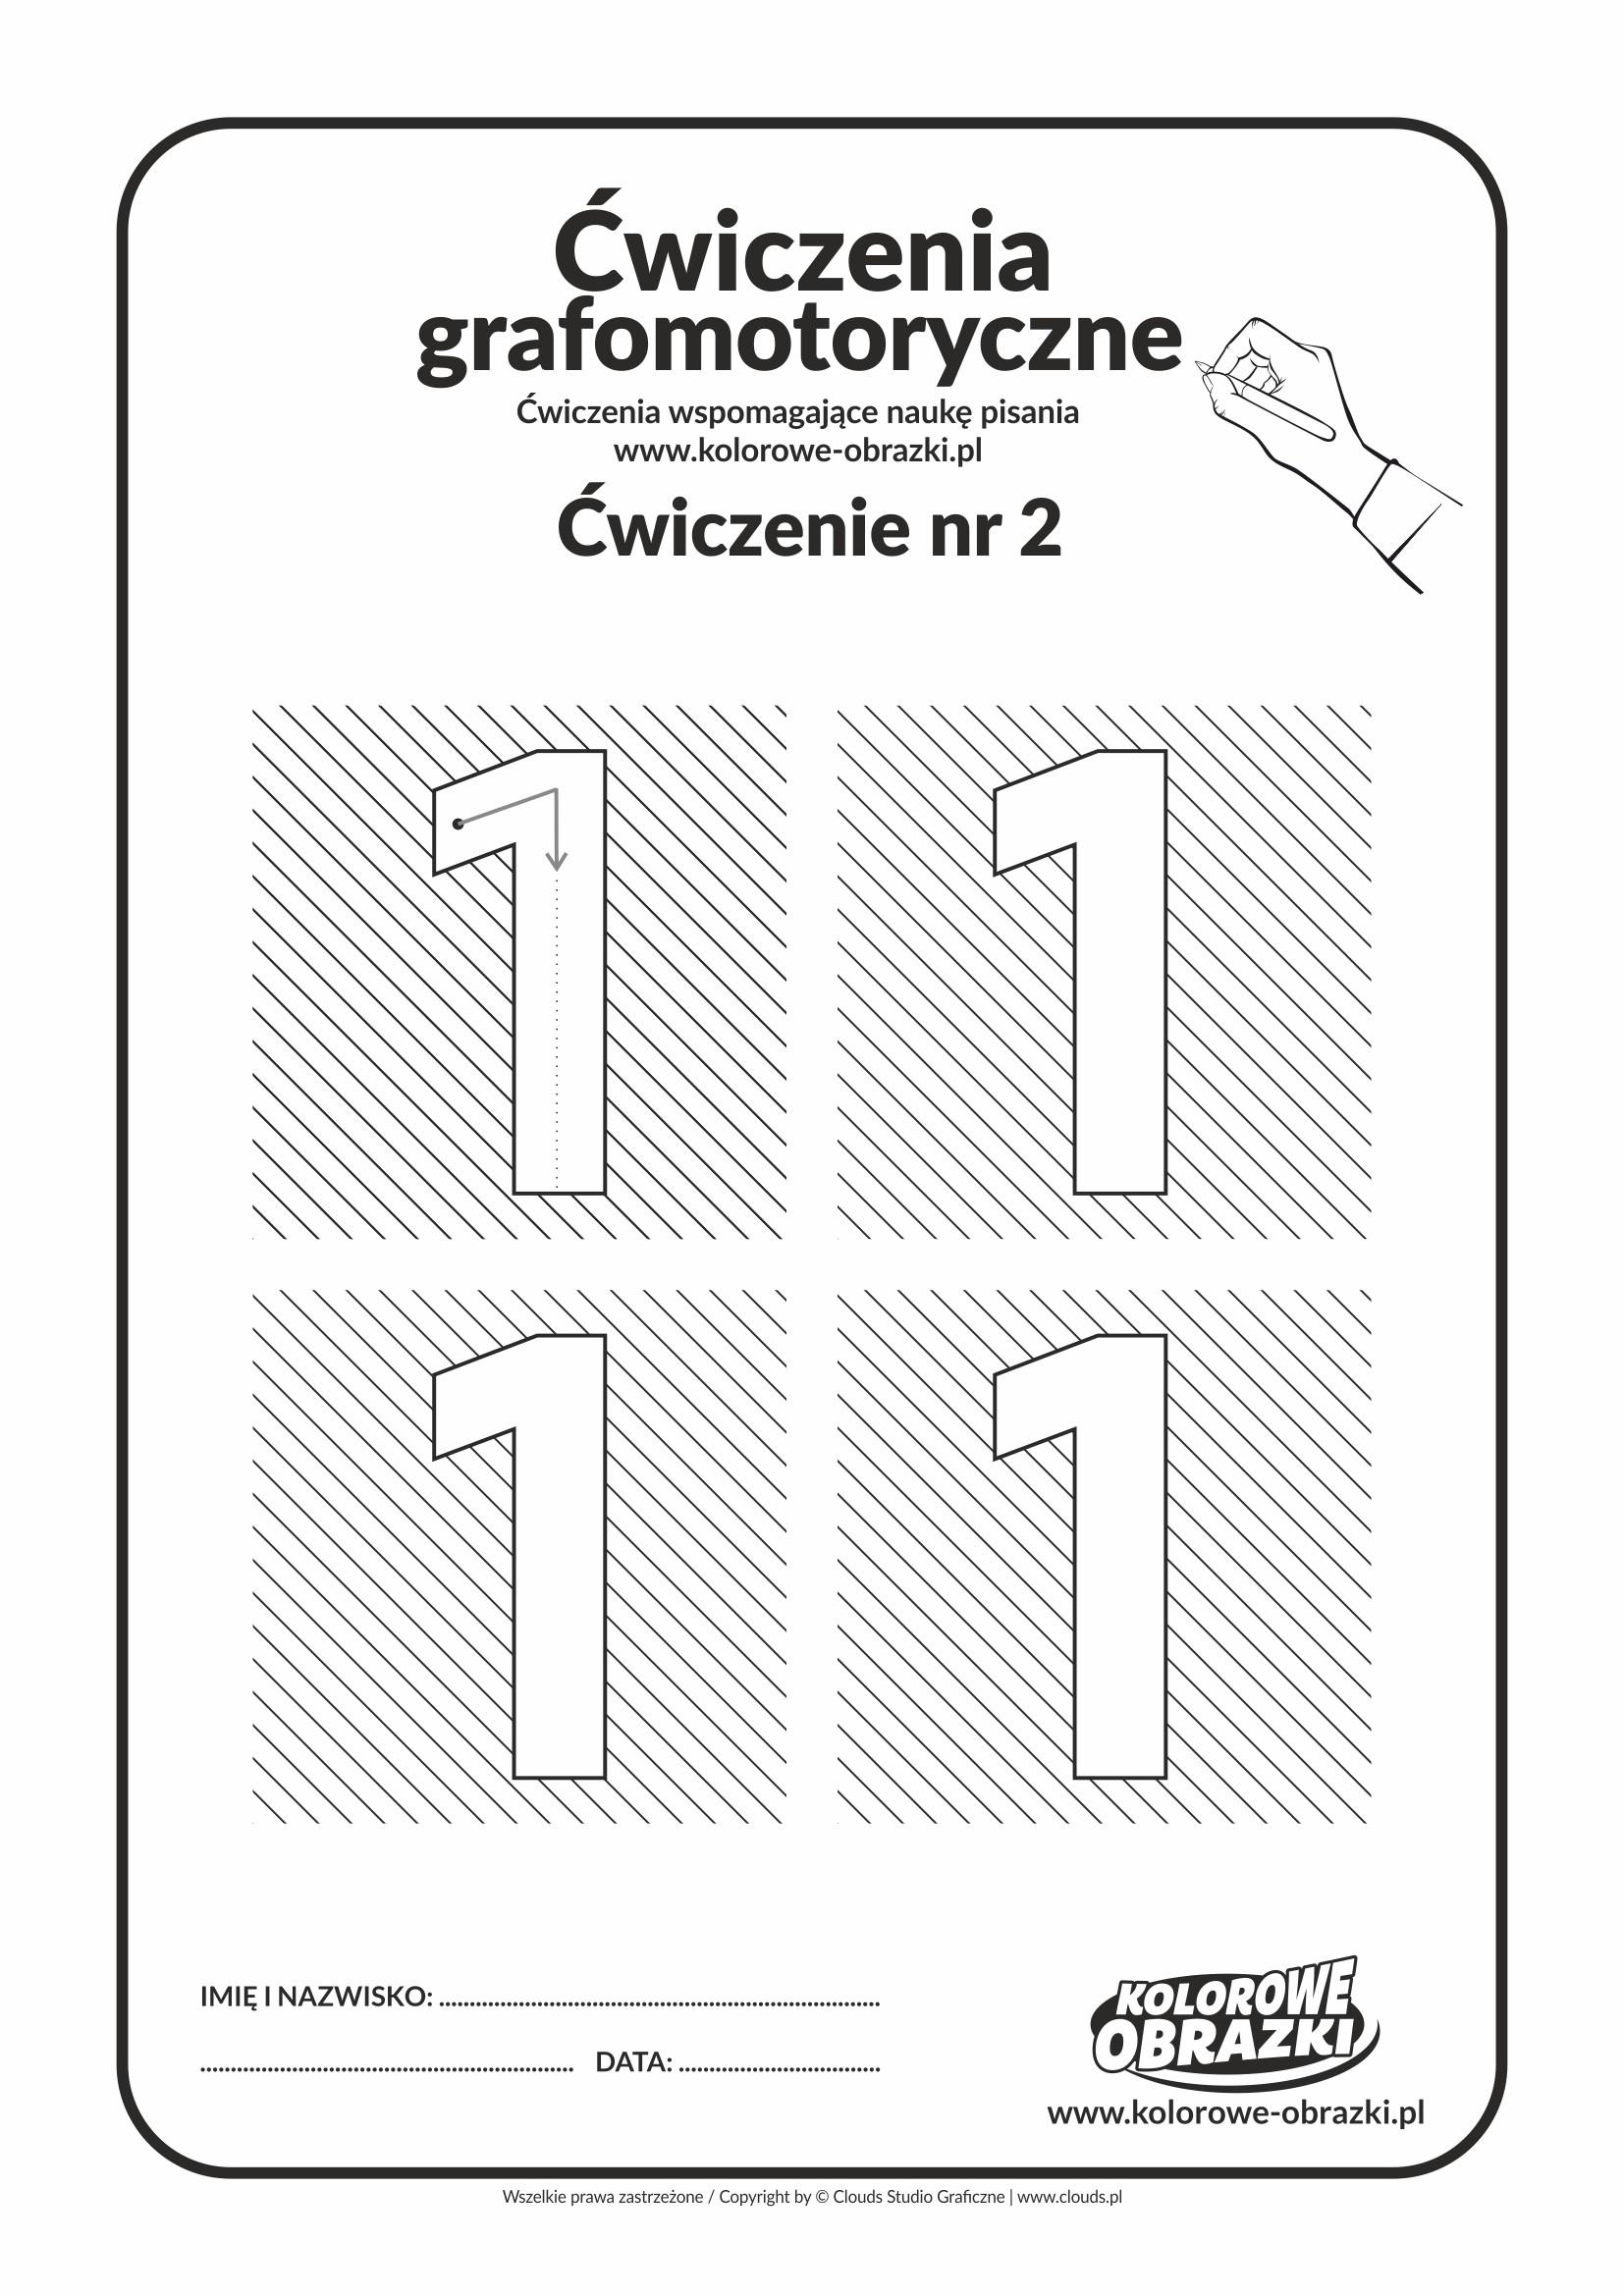 Ćwiczenia grafomotoryczne - cyfra 1